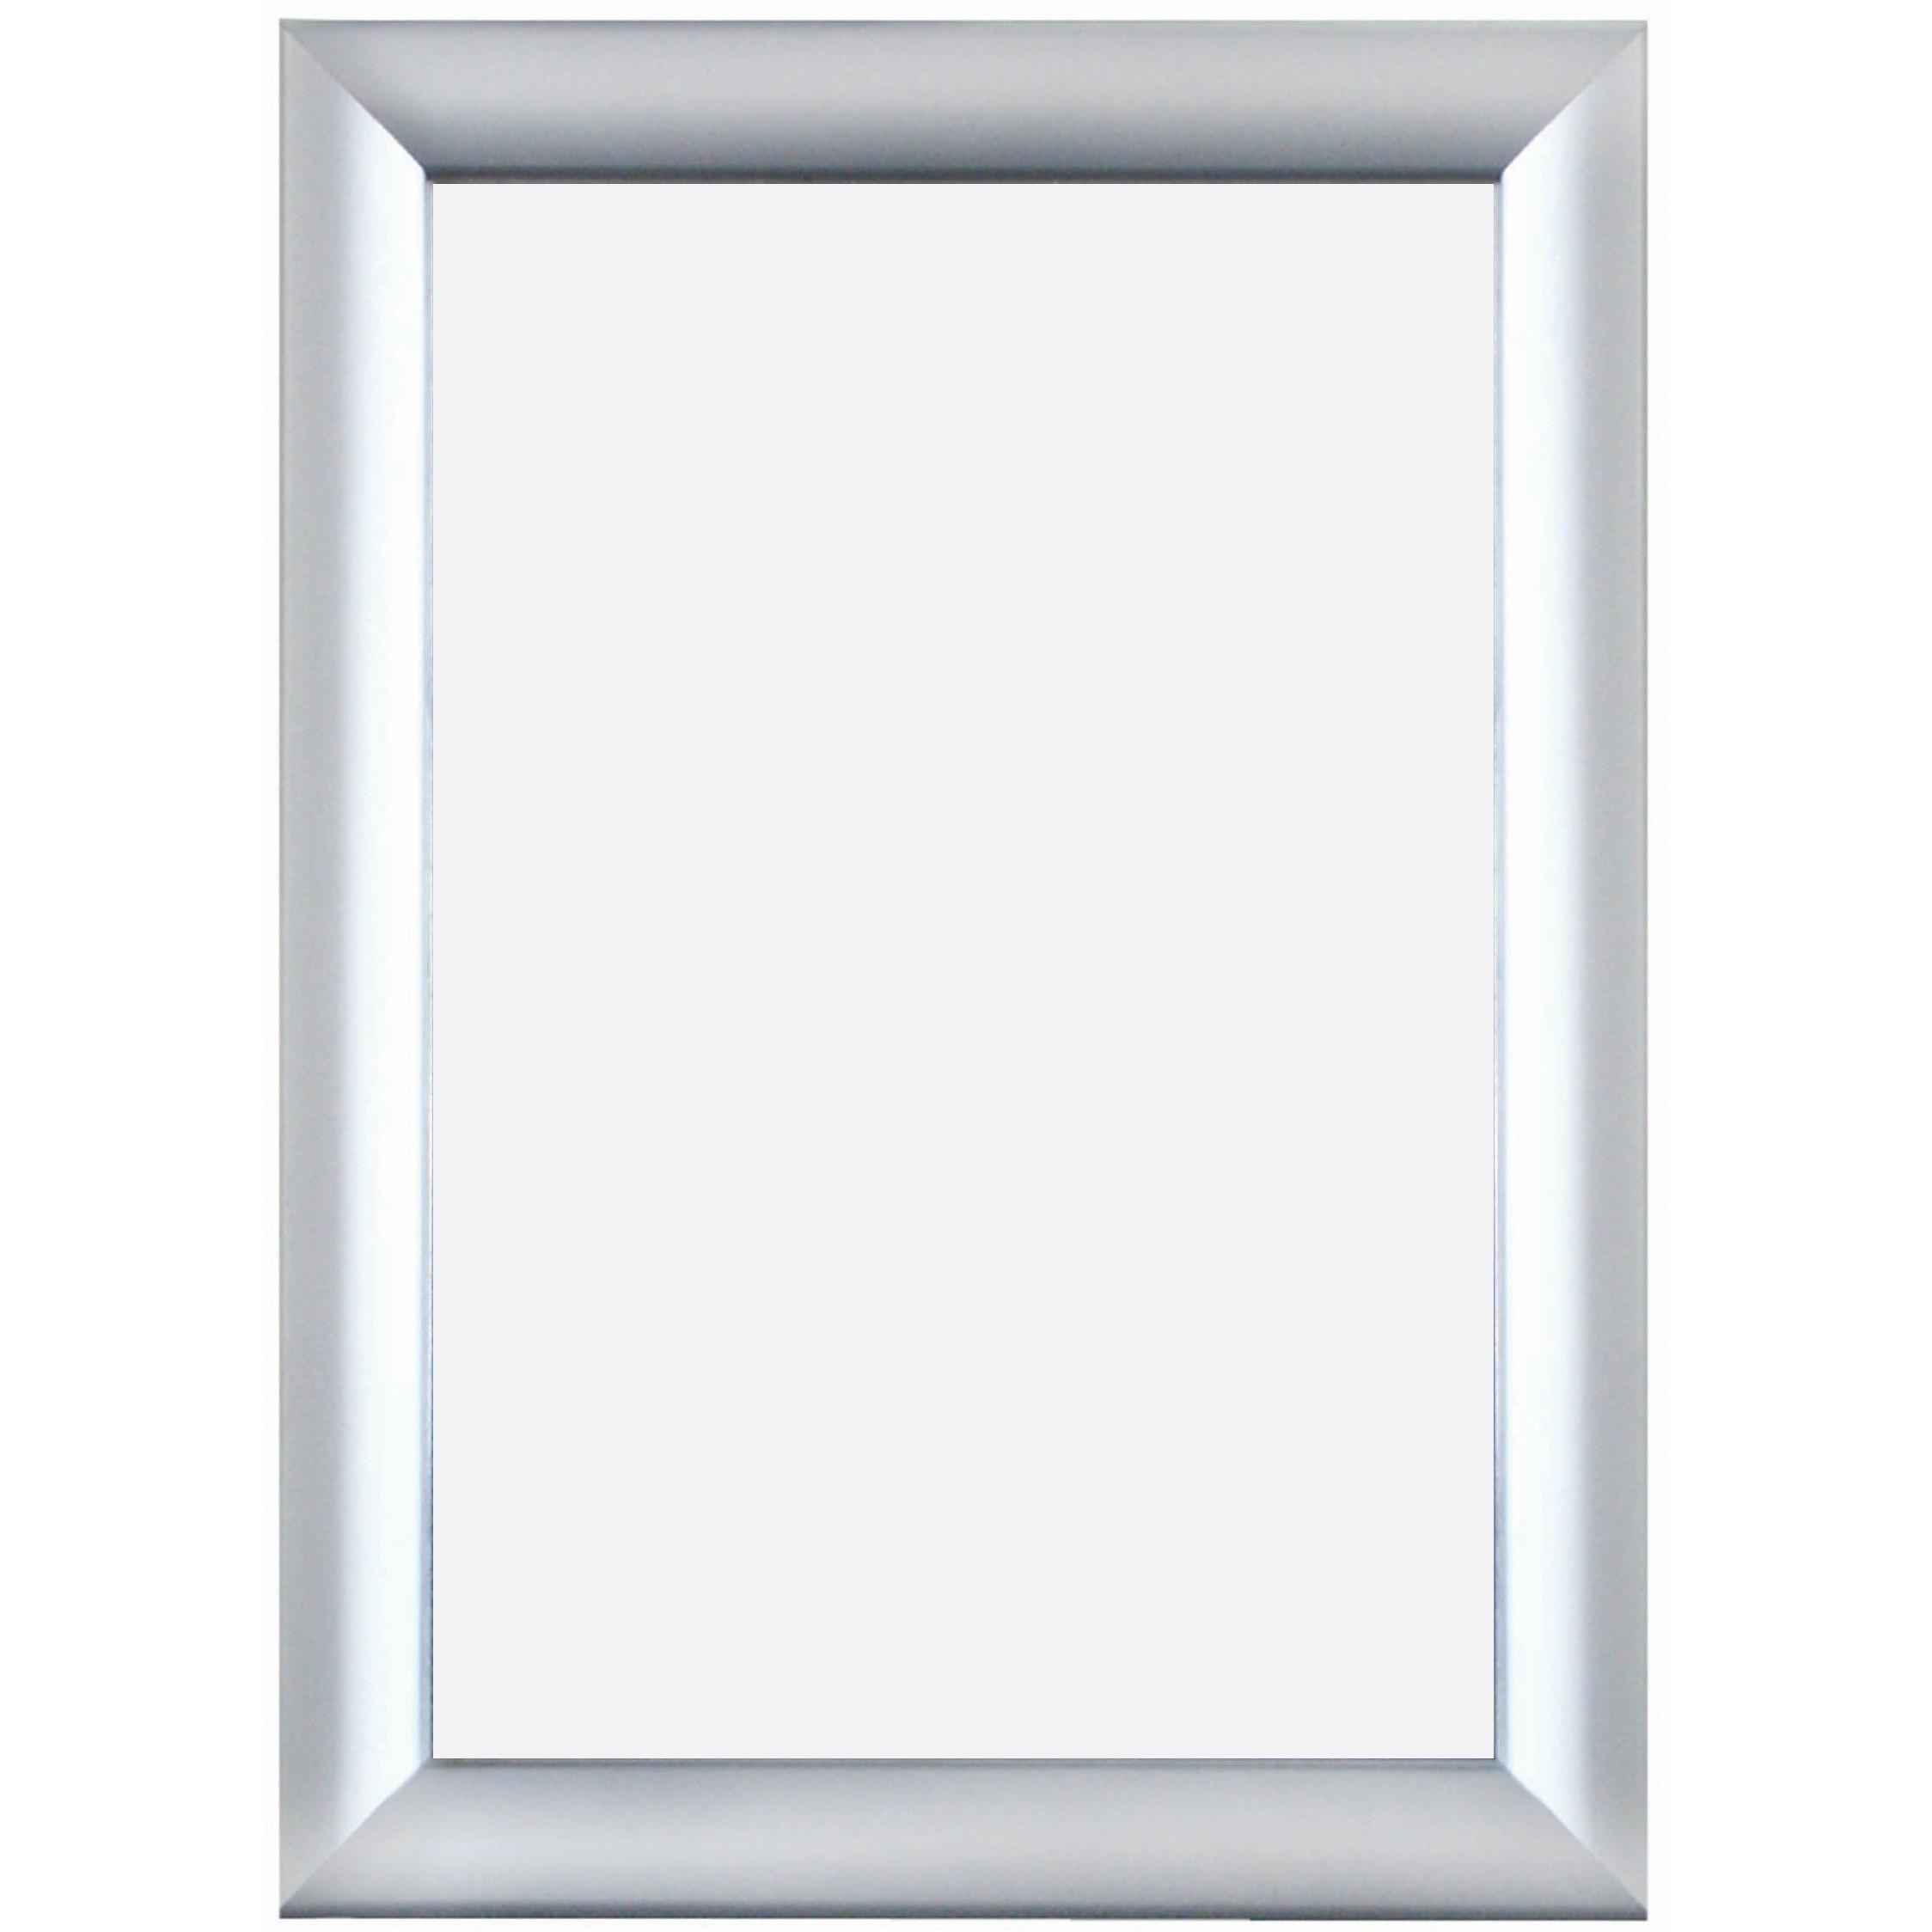 постеры стекло в алюминиевой рамке устройство